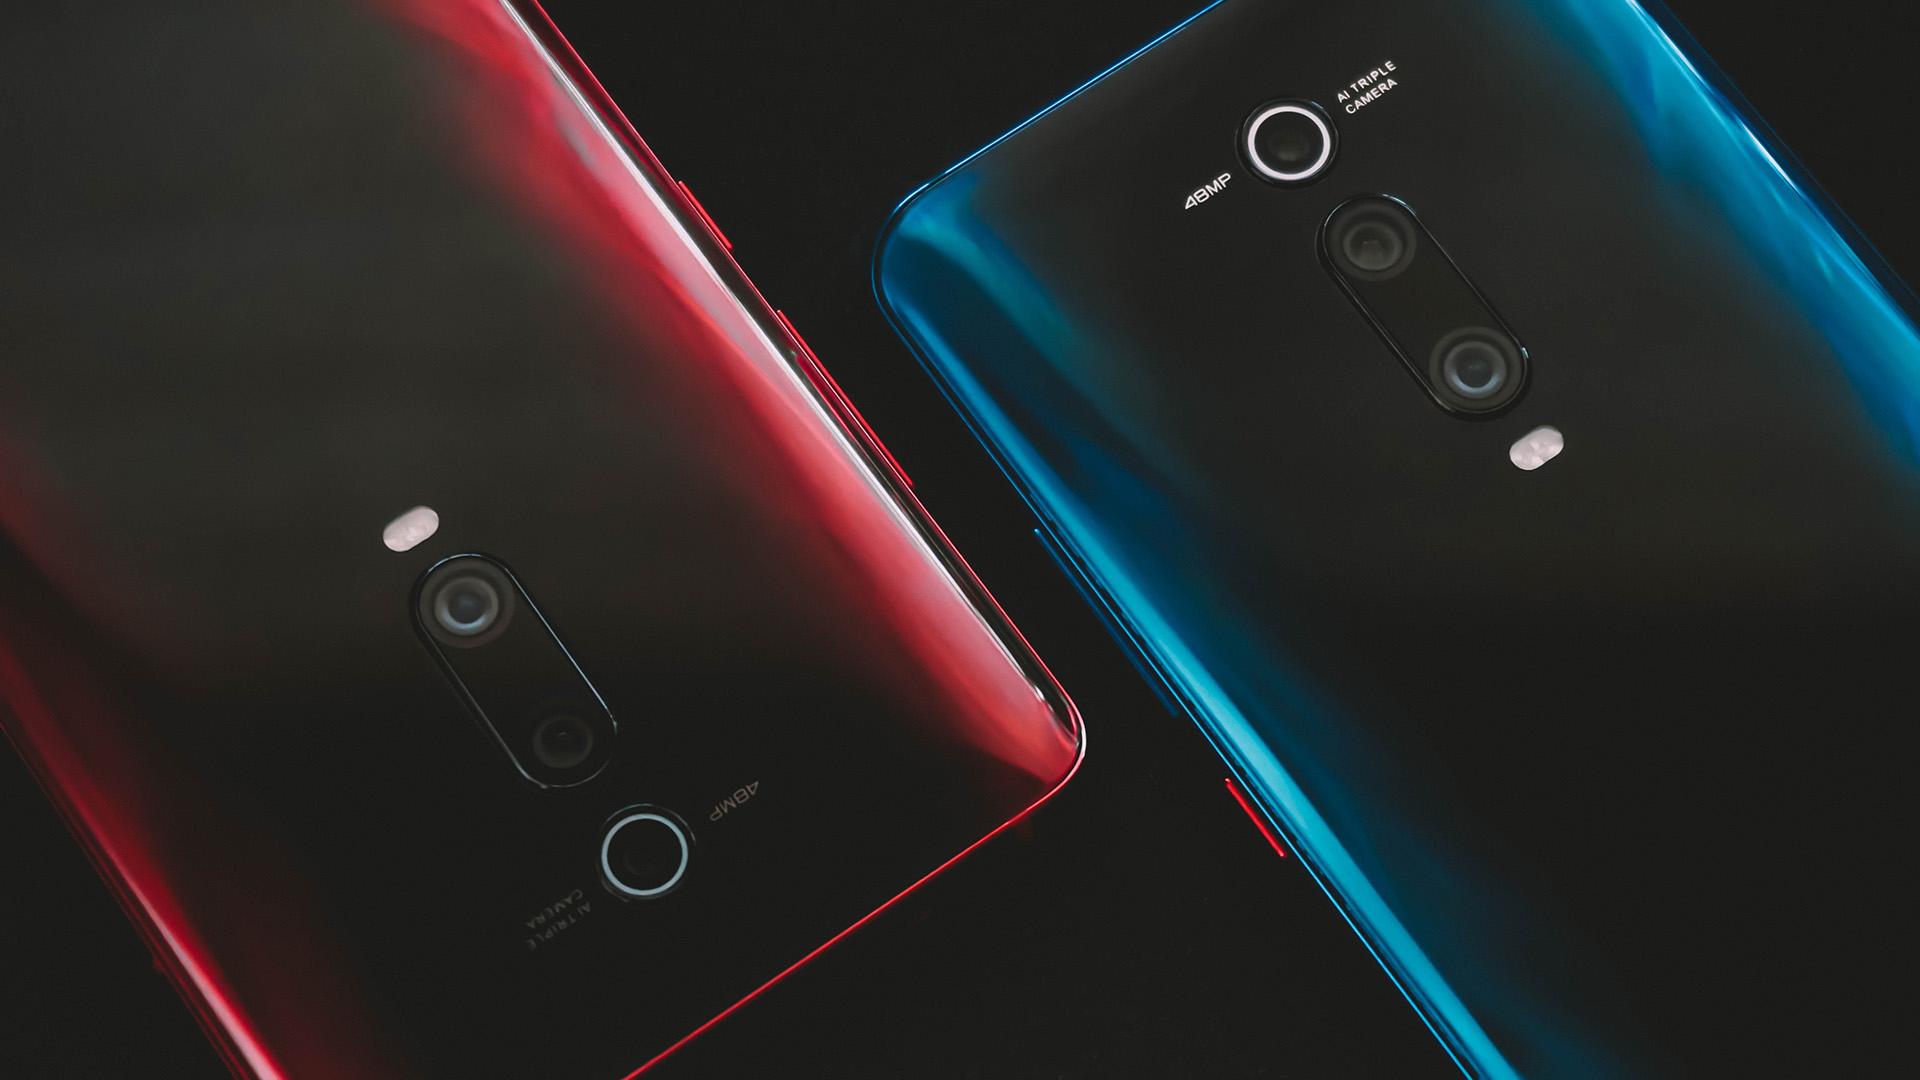 ¡Quiero un móvil nuevo… pero no entiendo nada!